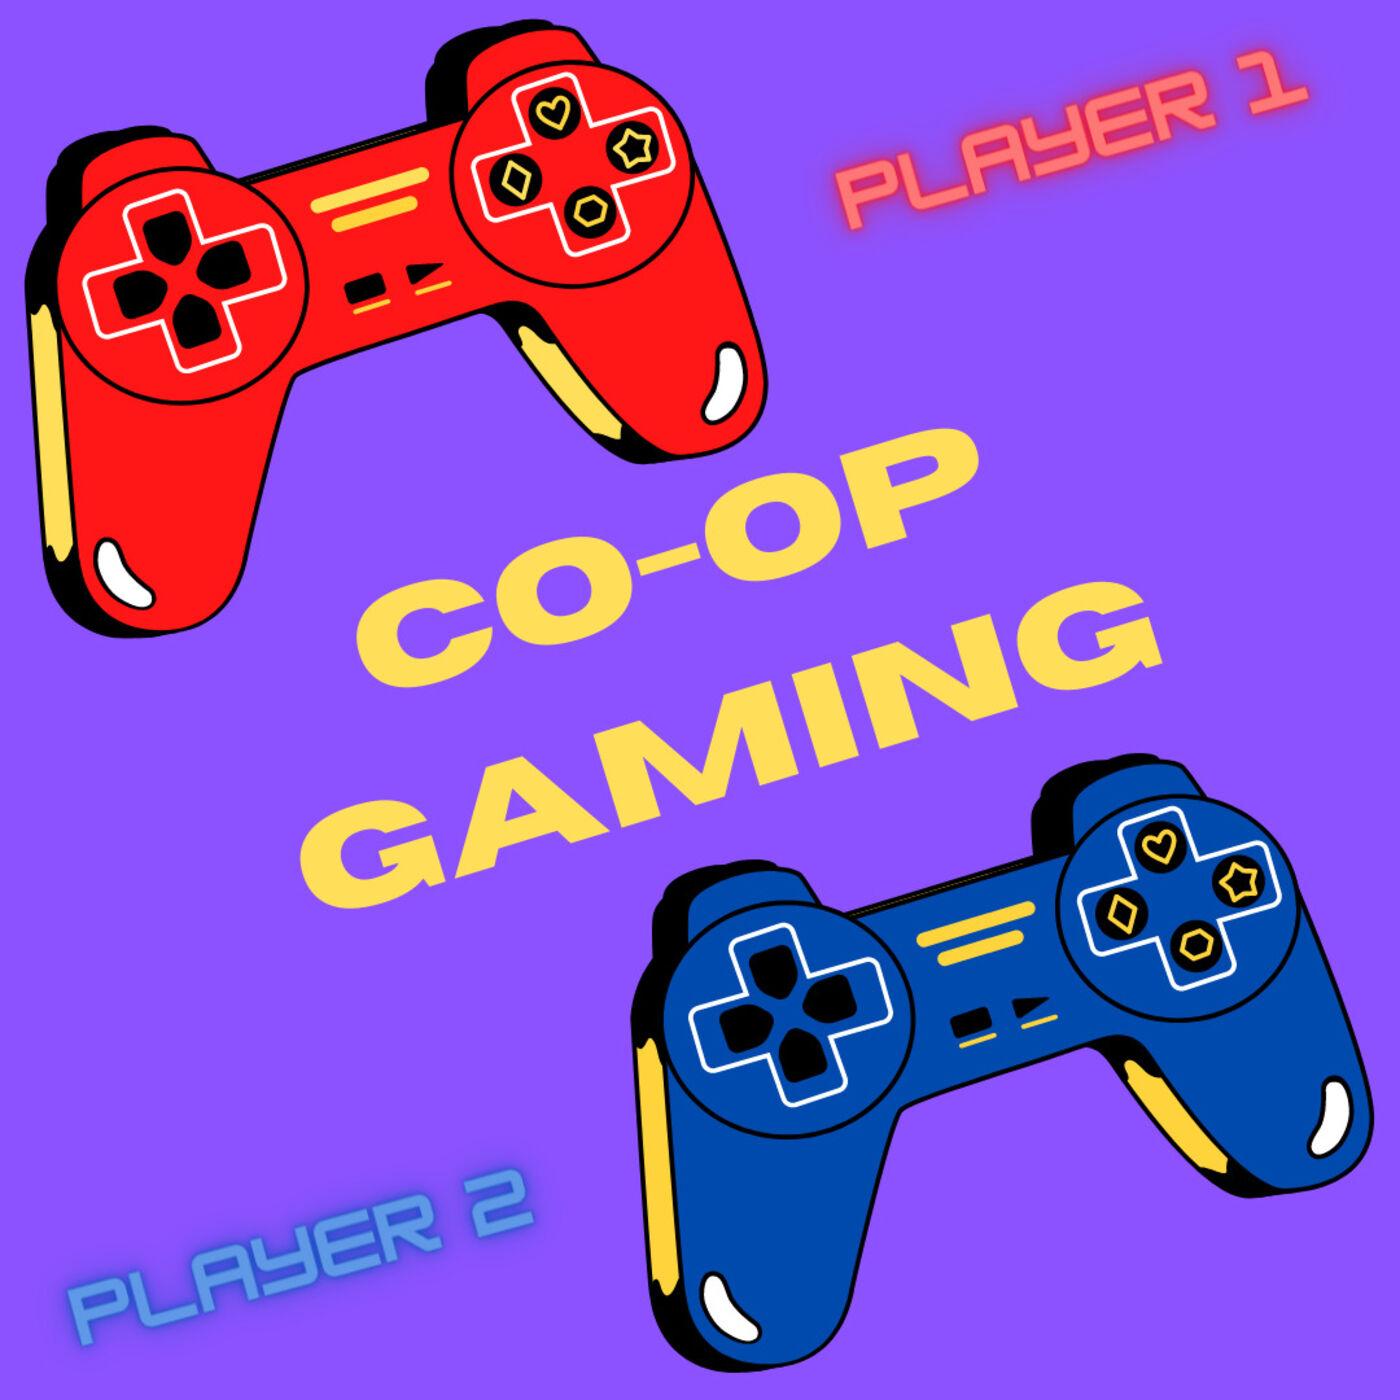 Co-op Gaming